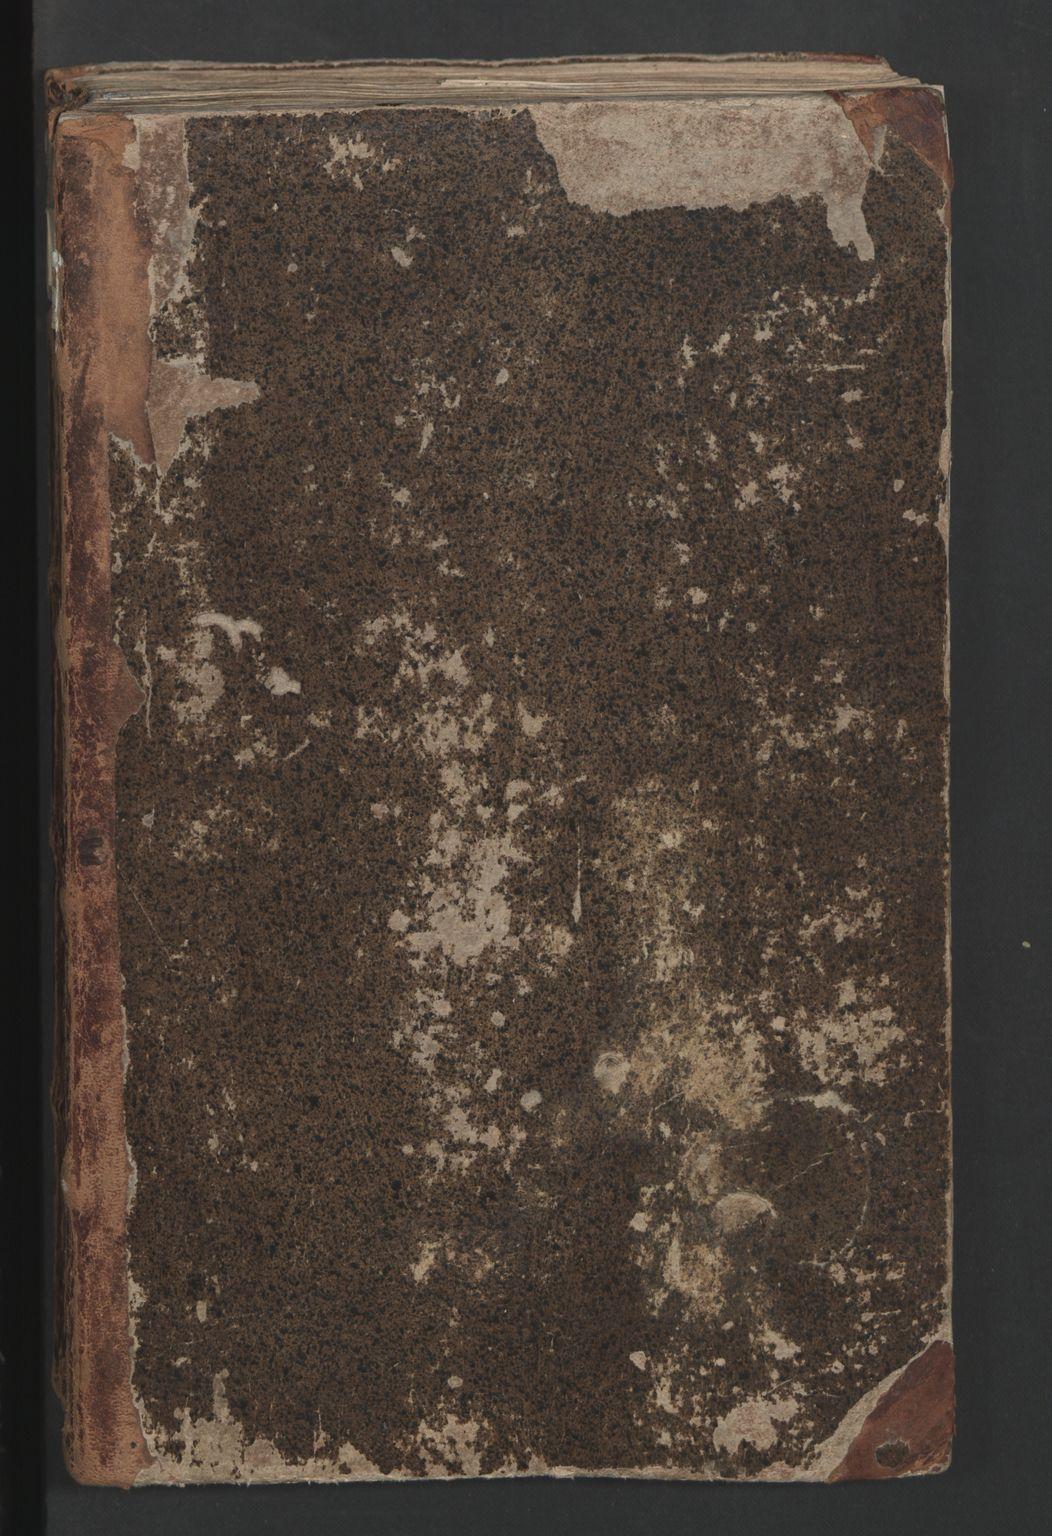 RA, Glassverk, samlinger, F/Fa/L0036: Modellbok for Nøstetangens og Aas' produkter med prisangivelse,, 1763